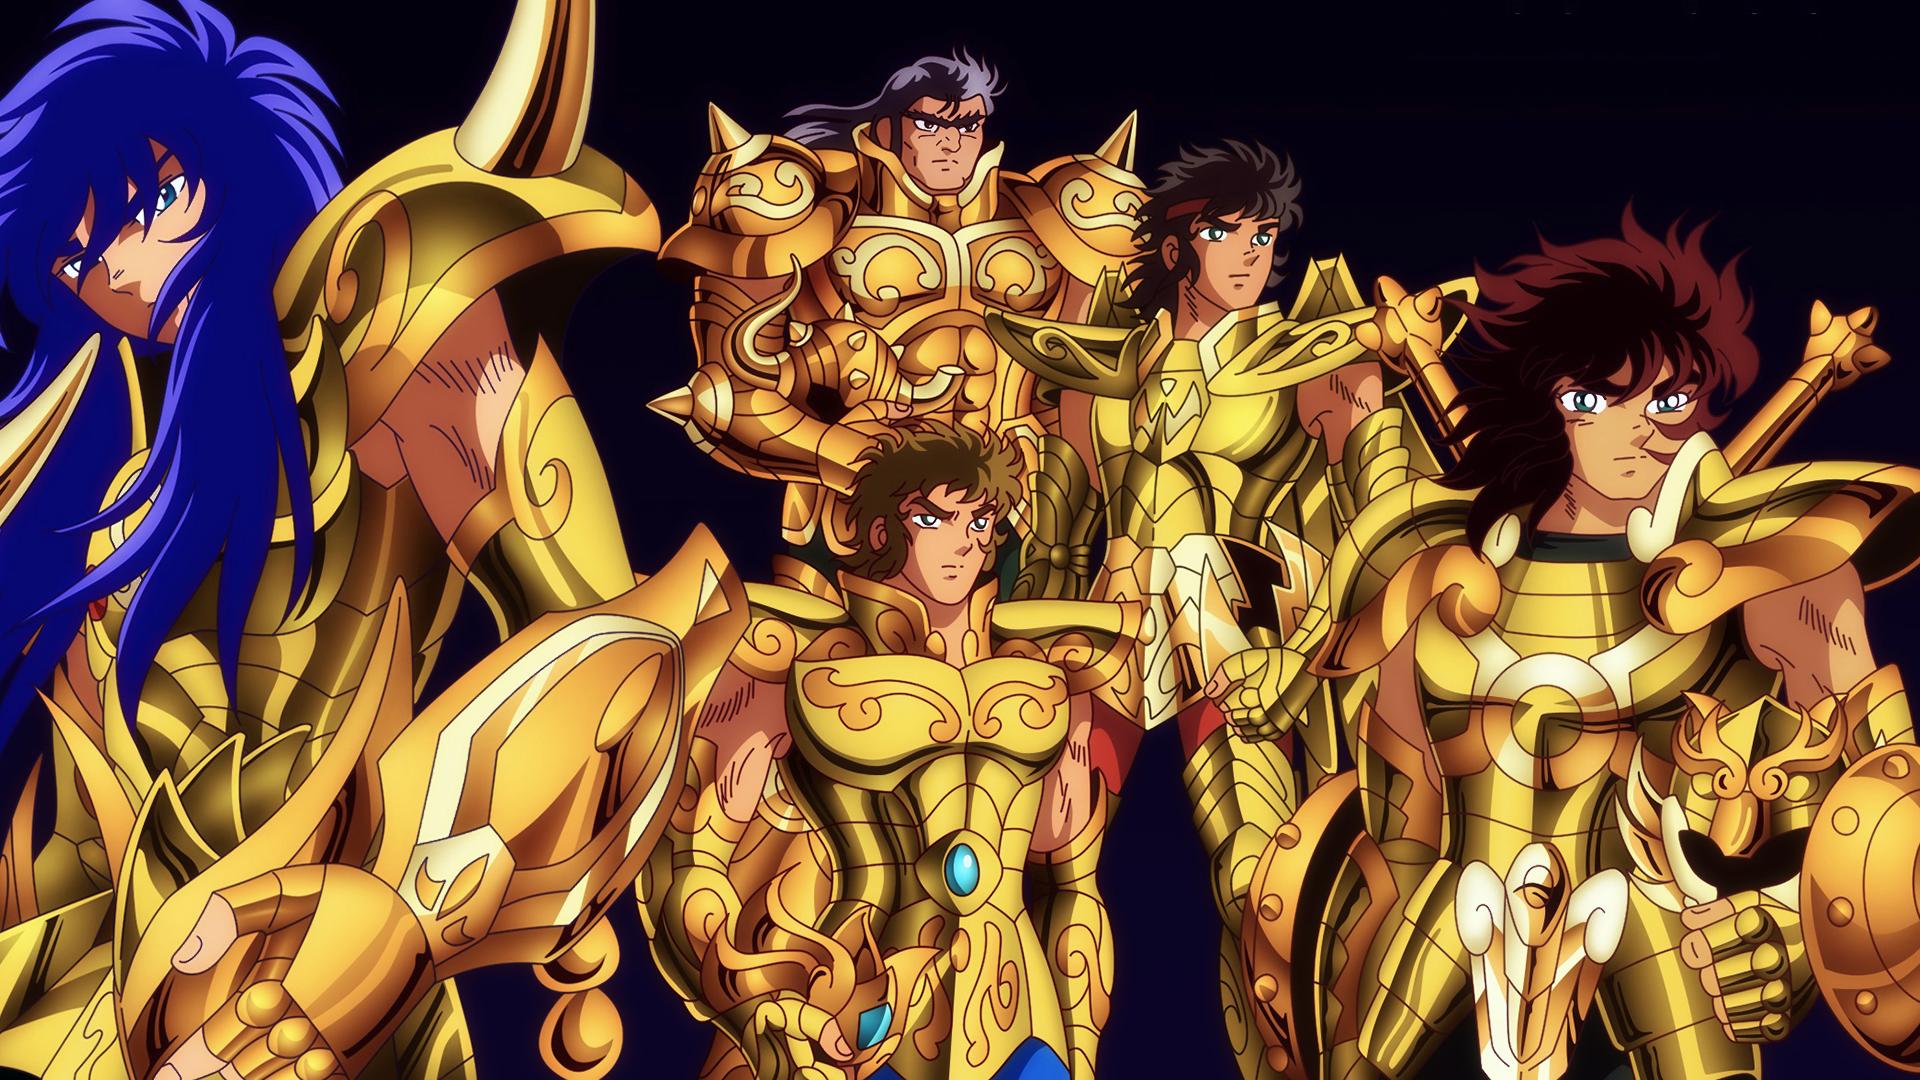 Golden Saints Hd Wallpaper Saint Seiya 171054 Hd Wallpaper